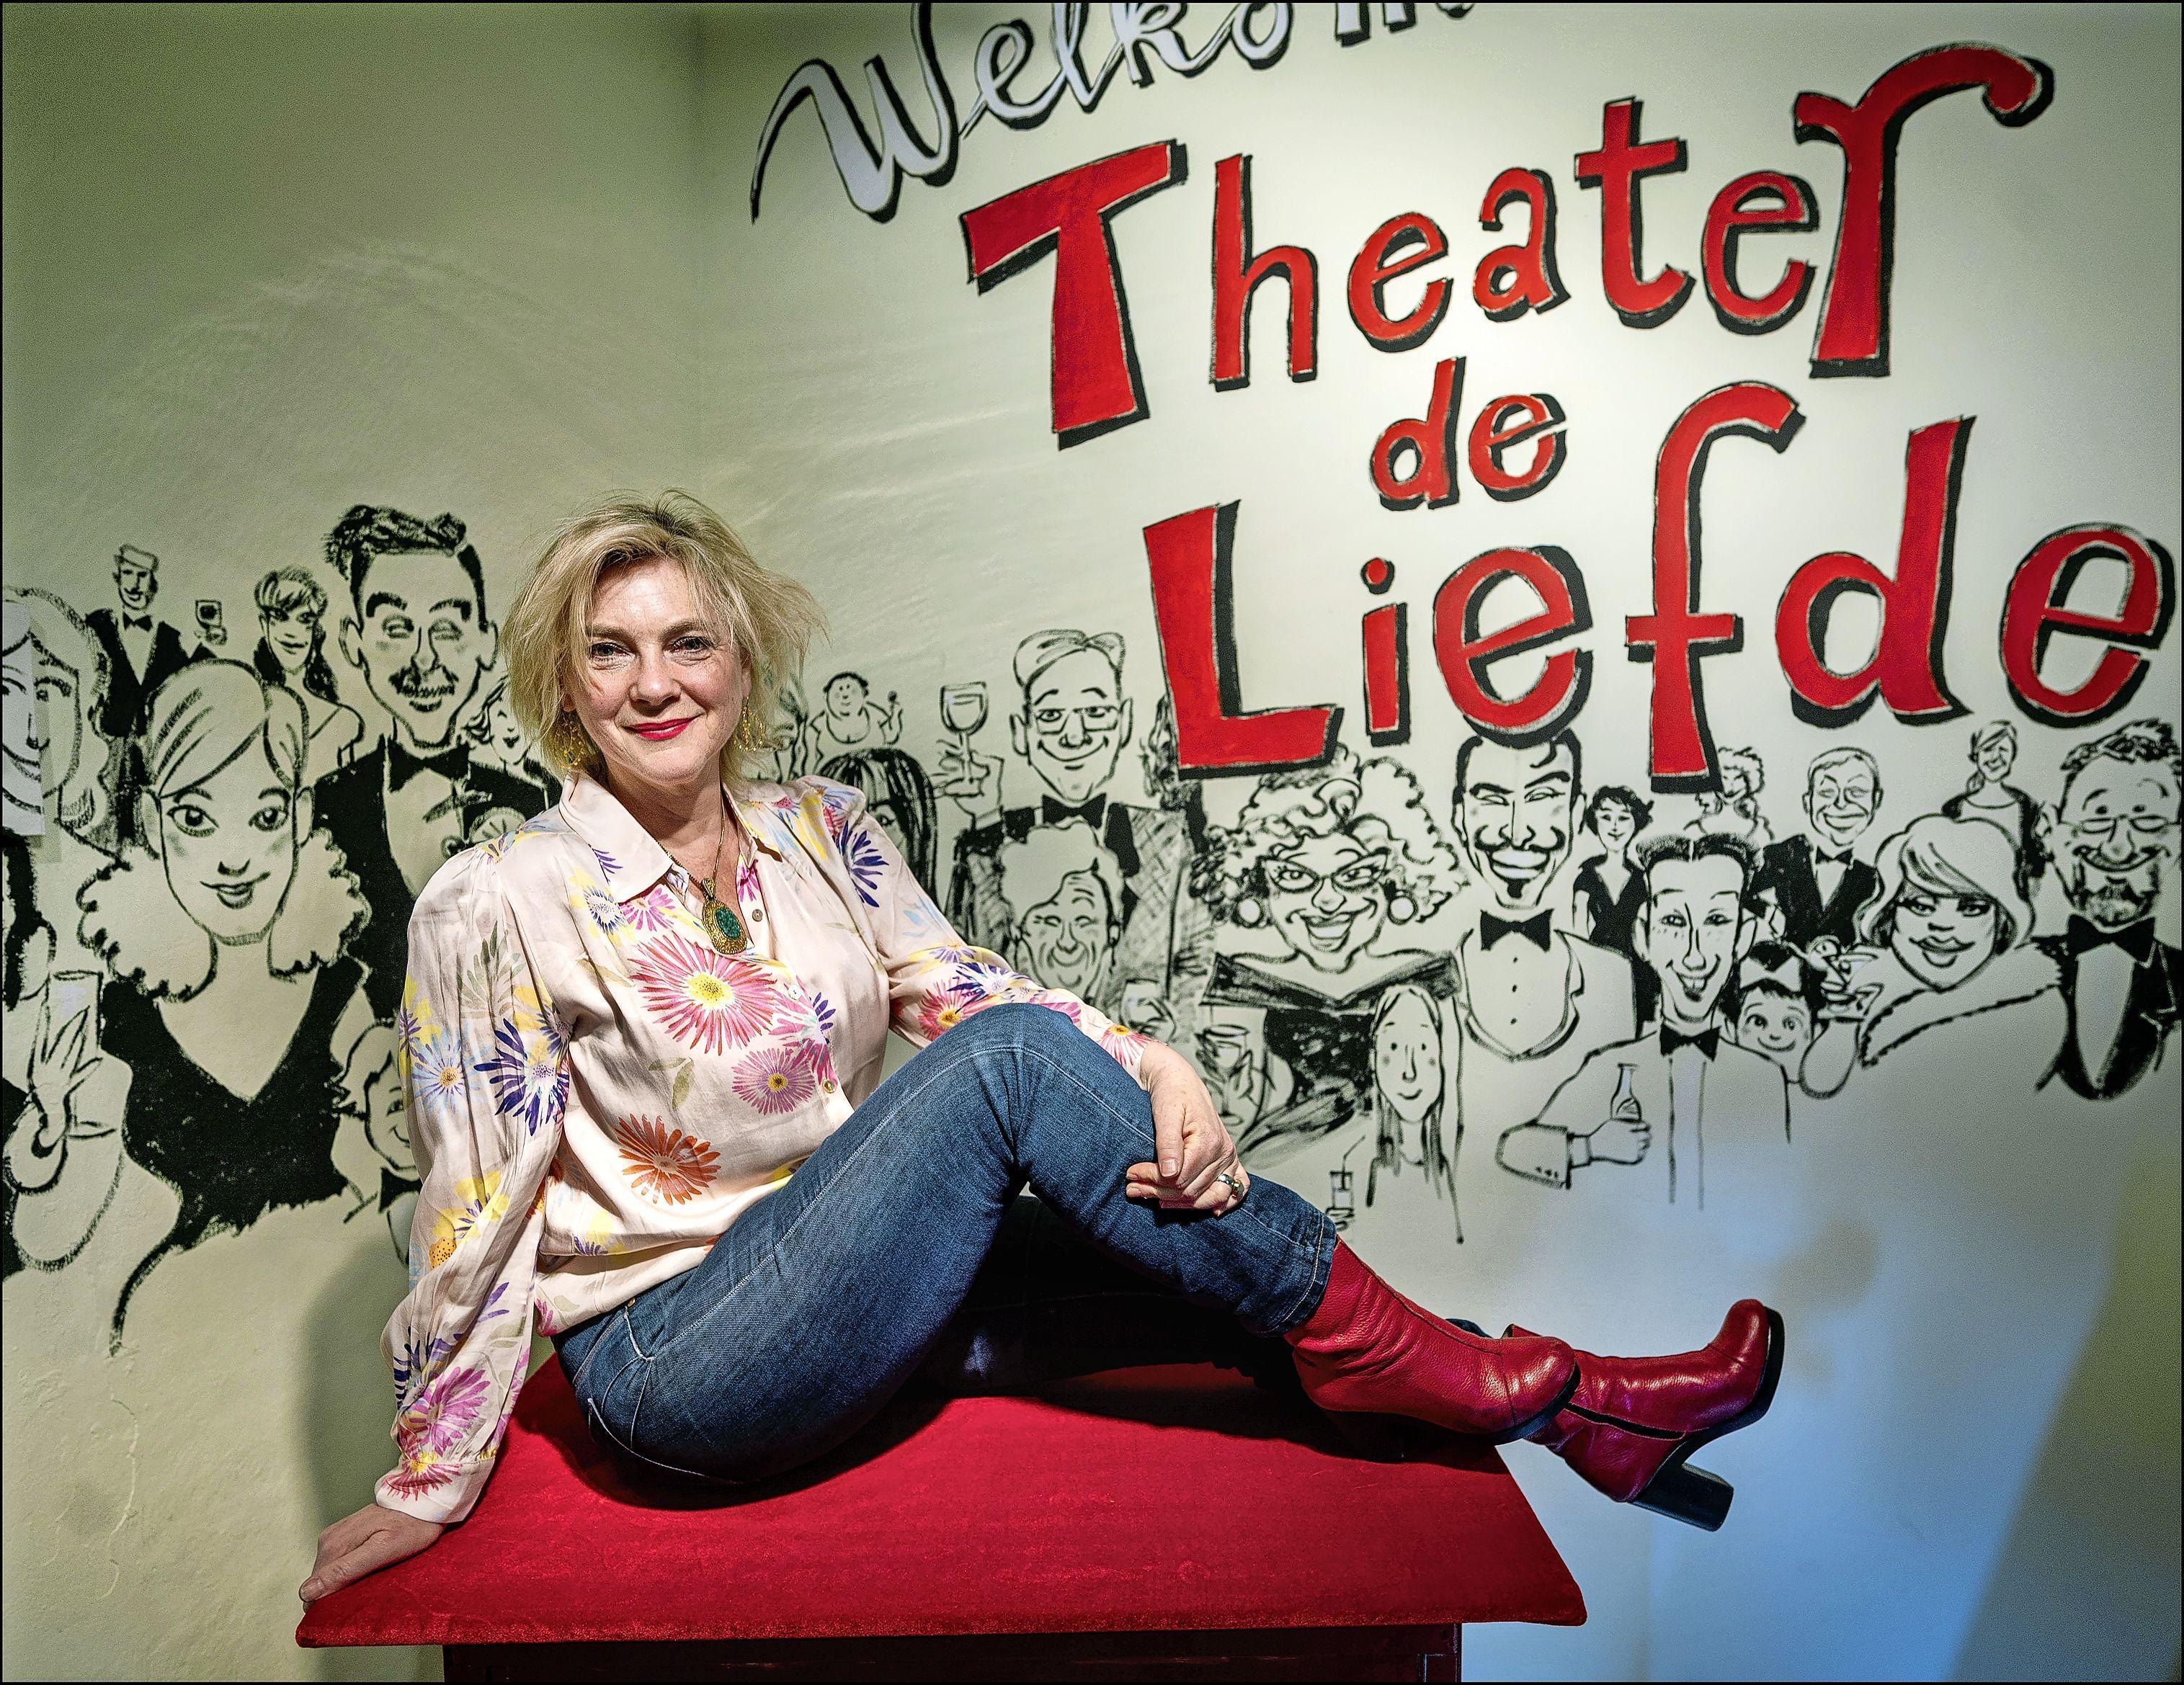 Theater De Liefde gaat eindelijk van start en met een beetje geluk staat Mylou Frencken achter de bar